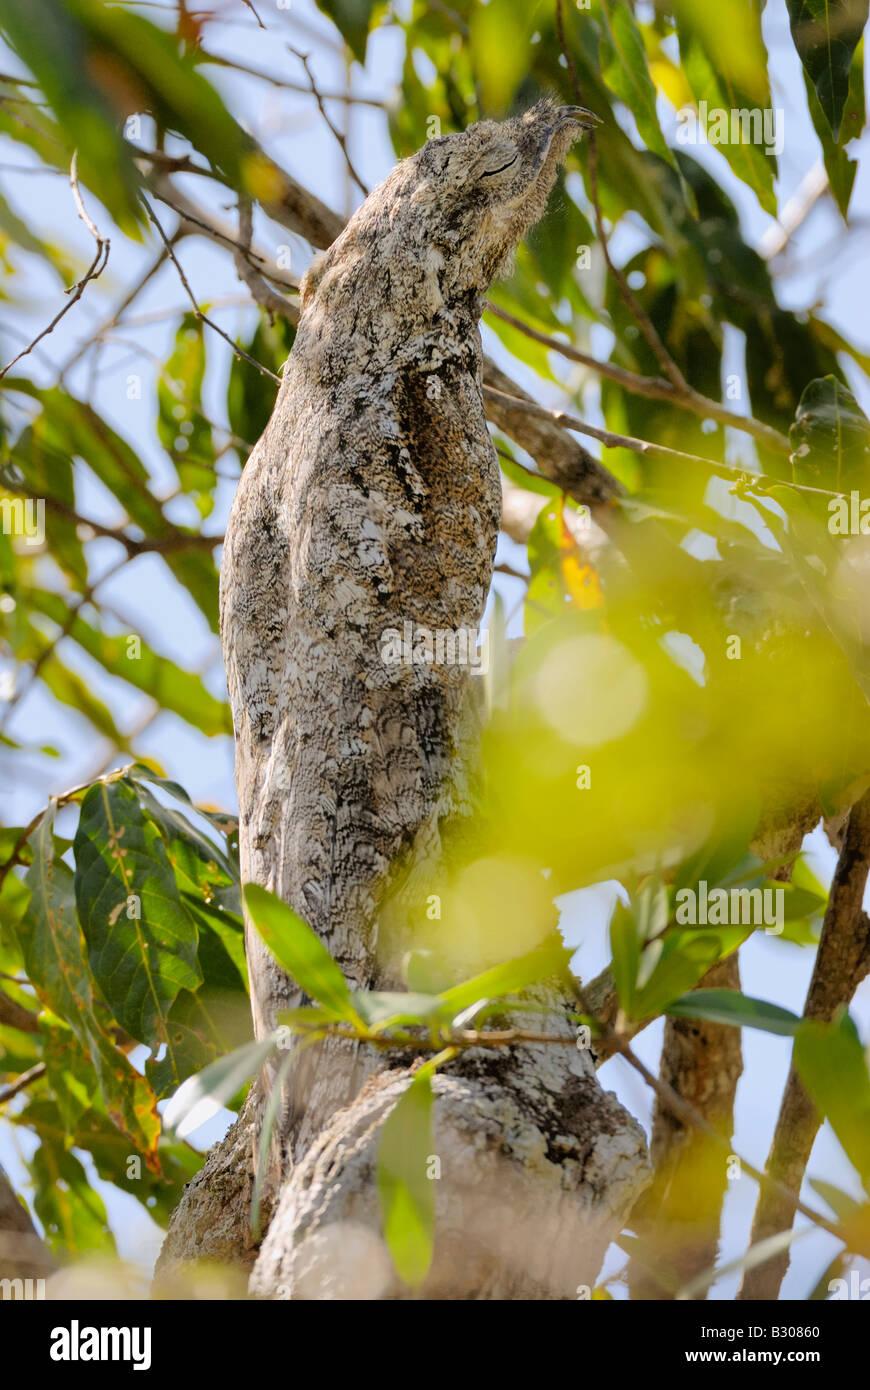 Riese oder große aber, Nyctibius Grandis, sitzt in einem Baum, LLANOS, Venezuela, Südamerika Stockbild